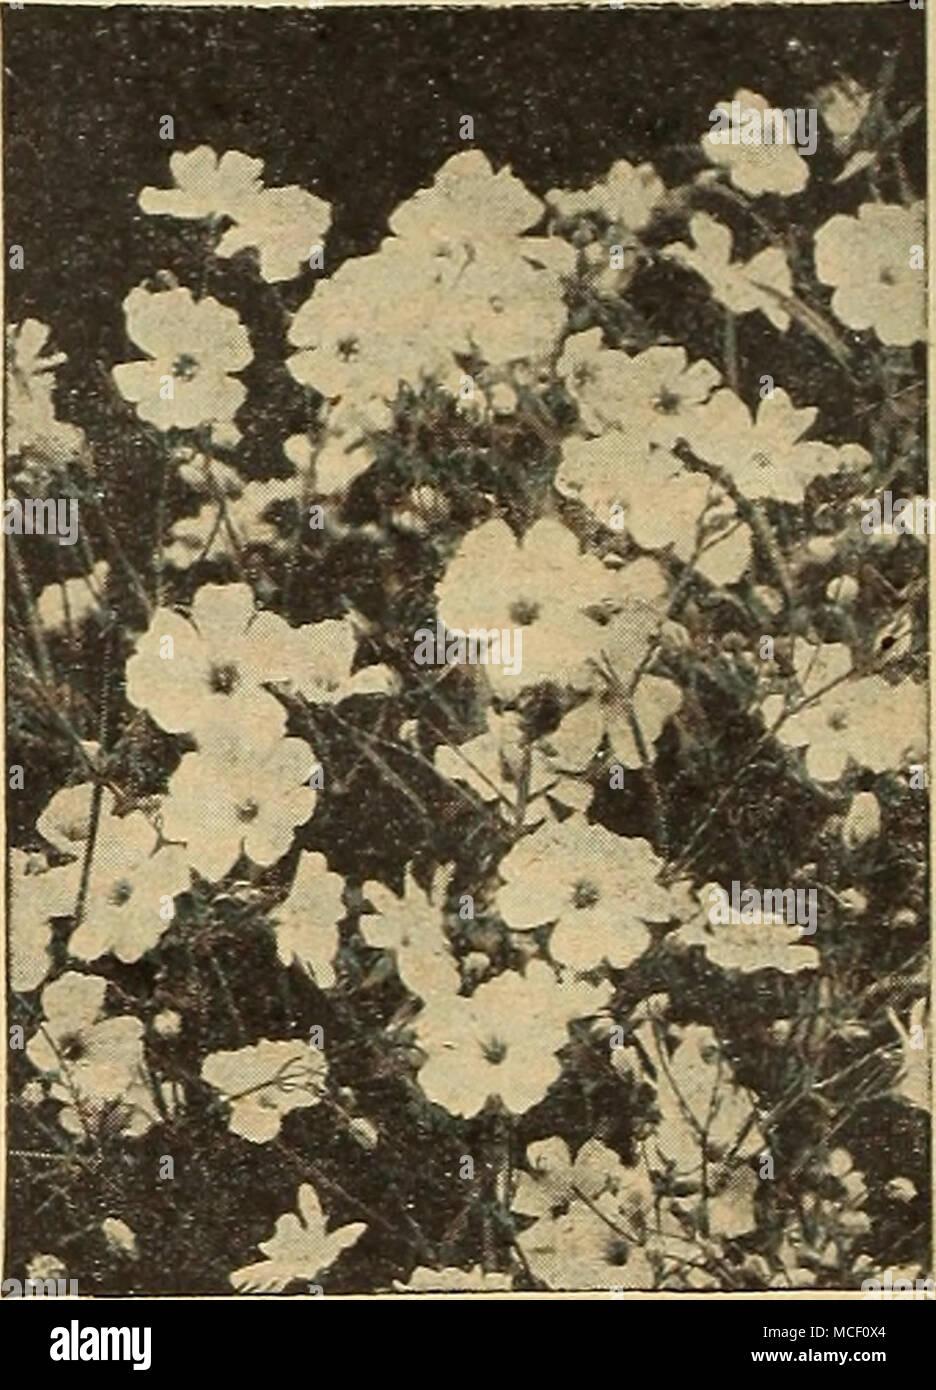 Annual Gypsophila Gypsophilaars Breath Annual Varieties